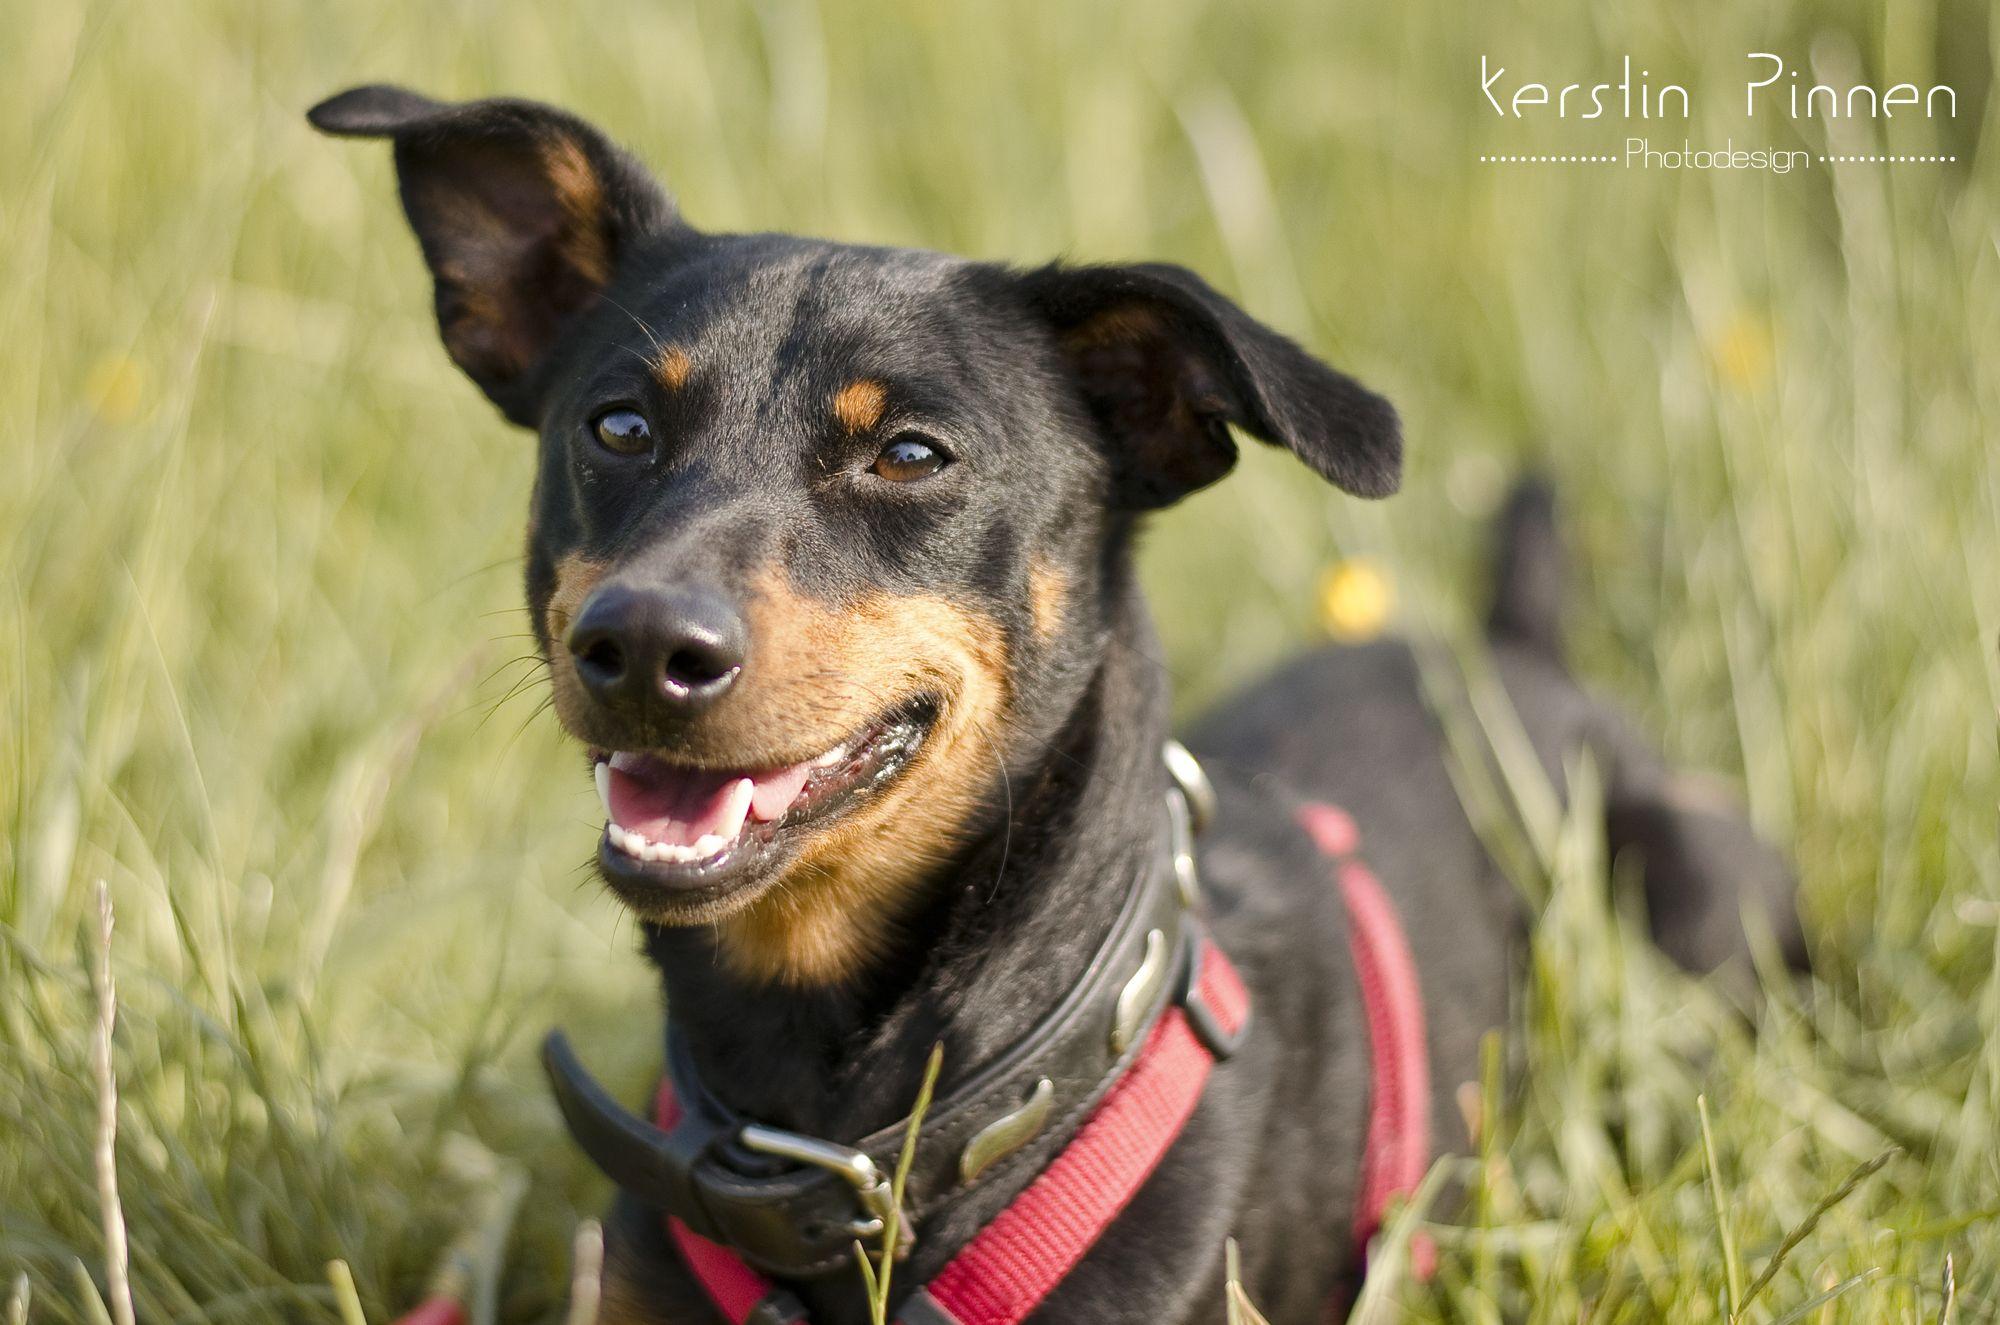 Outdoor-Tierfotografie | Hunde | Der kleine Deutscher Pinscher James aus dem Tierheim Troisdorf beim Spielen | Tierschutz | Tiere suchen ein Zuhause  (c) Kerstin Pinne Photodesign